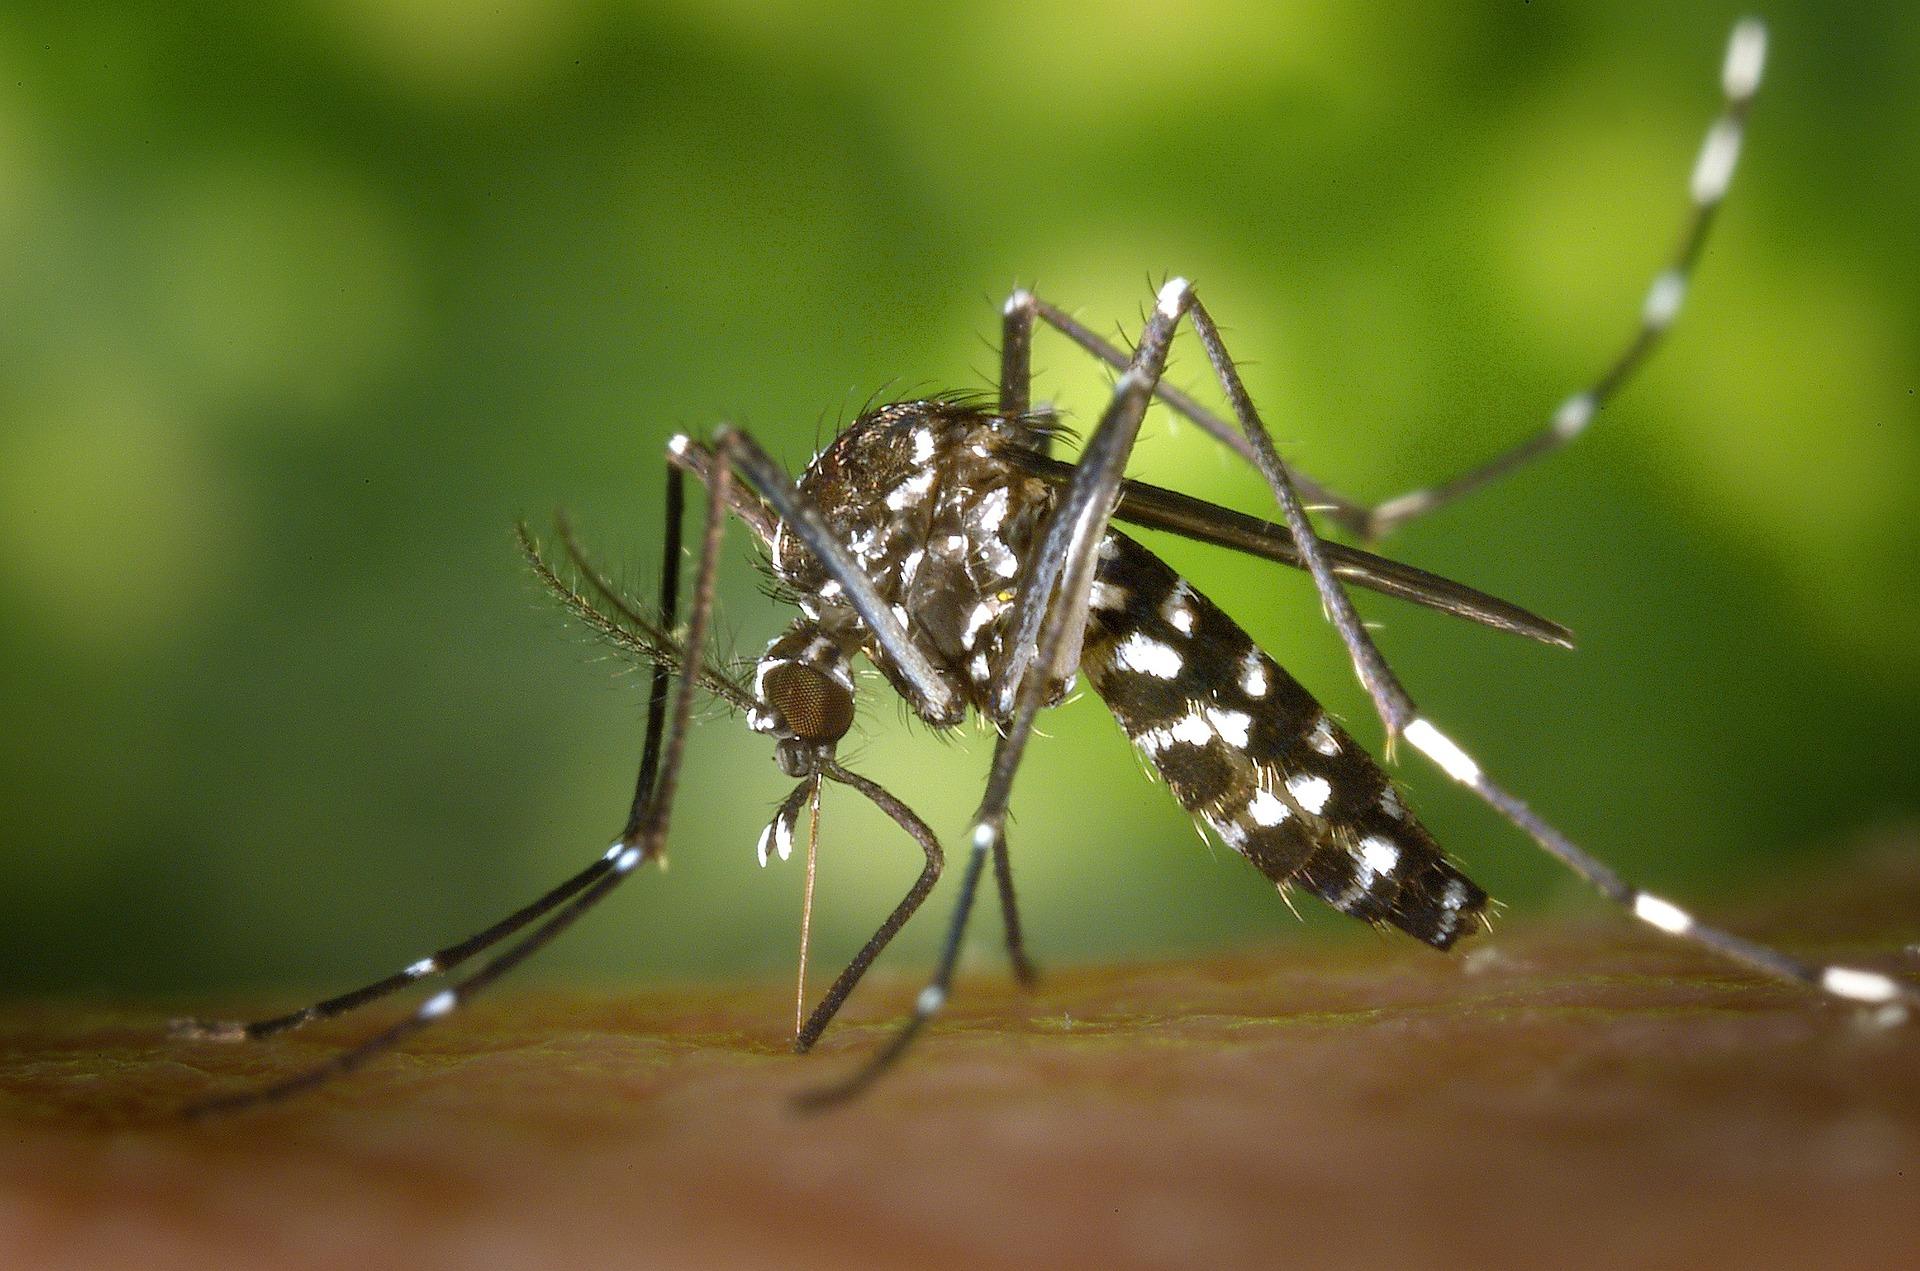 蚊が大量発生?原因と対策